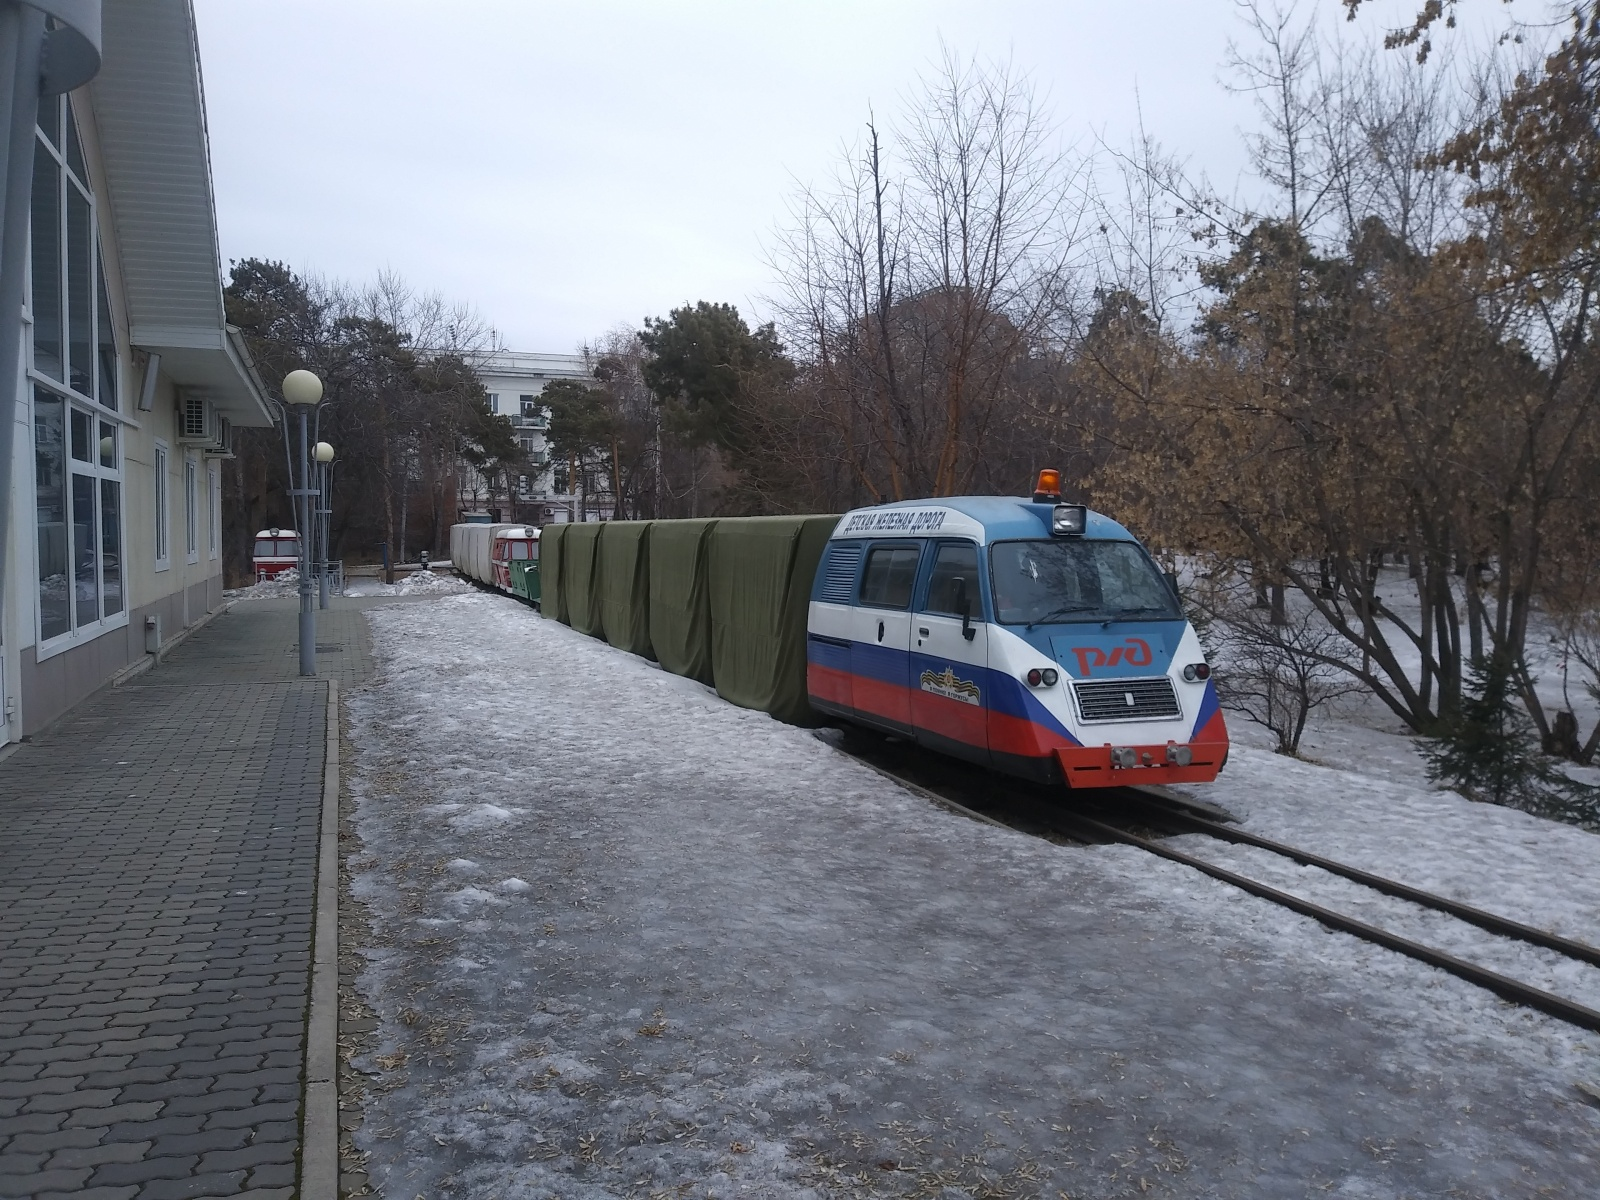 Особенности транспорта Универсиады и очень увлечённый Алексей - 1